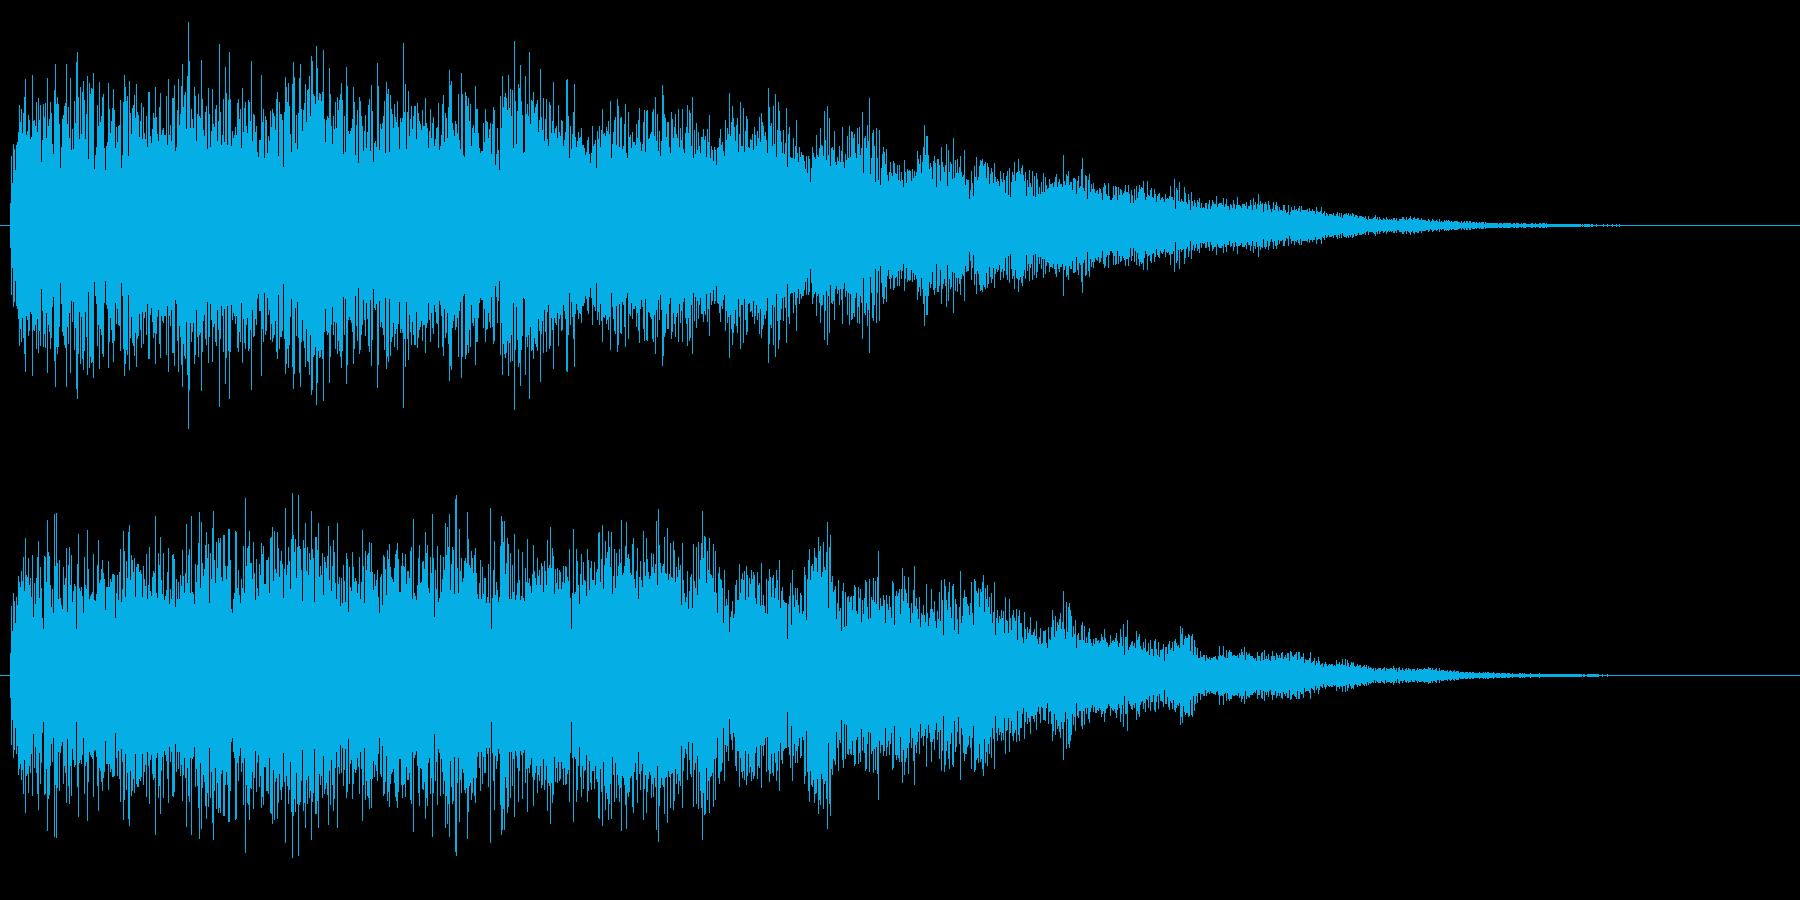 ハデめな場面転換の音 シーン切り替え音の再生済みの波形